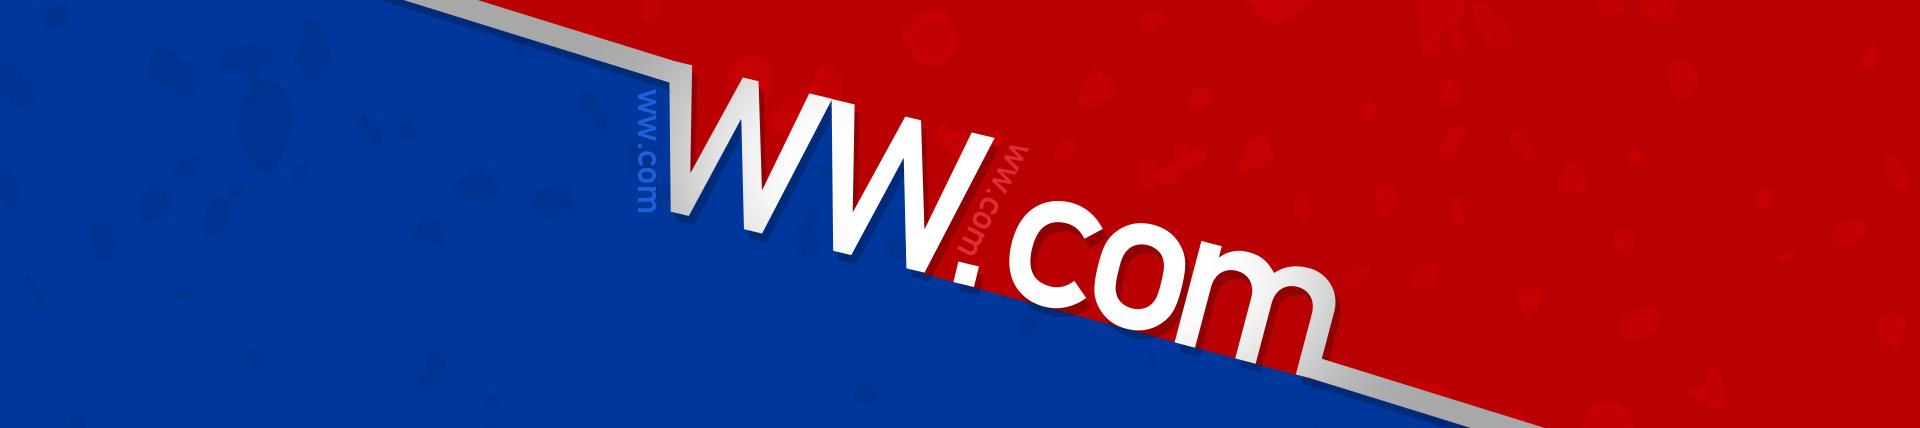 值百万美金! WW.com或易主市值62亿美元上市公司